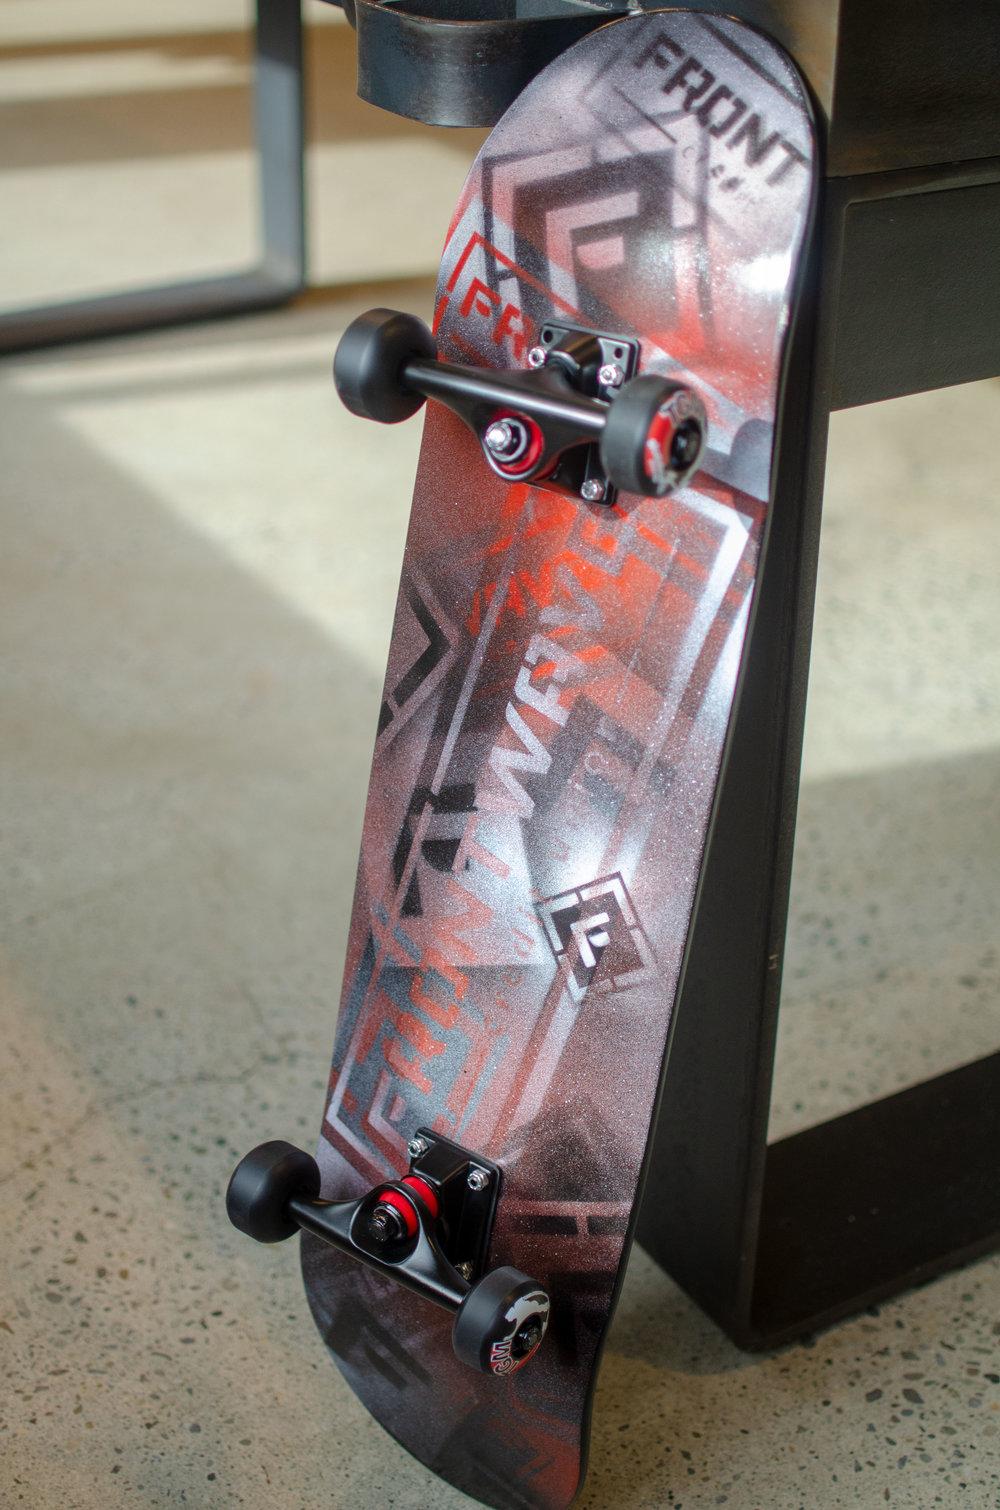 Frontwave-Skateboards_WMG0151.jpg